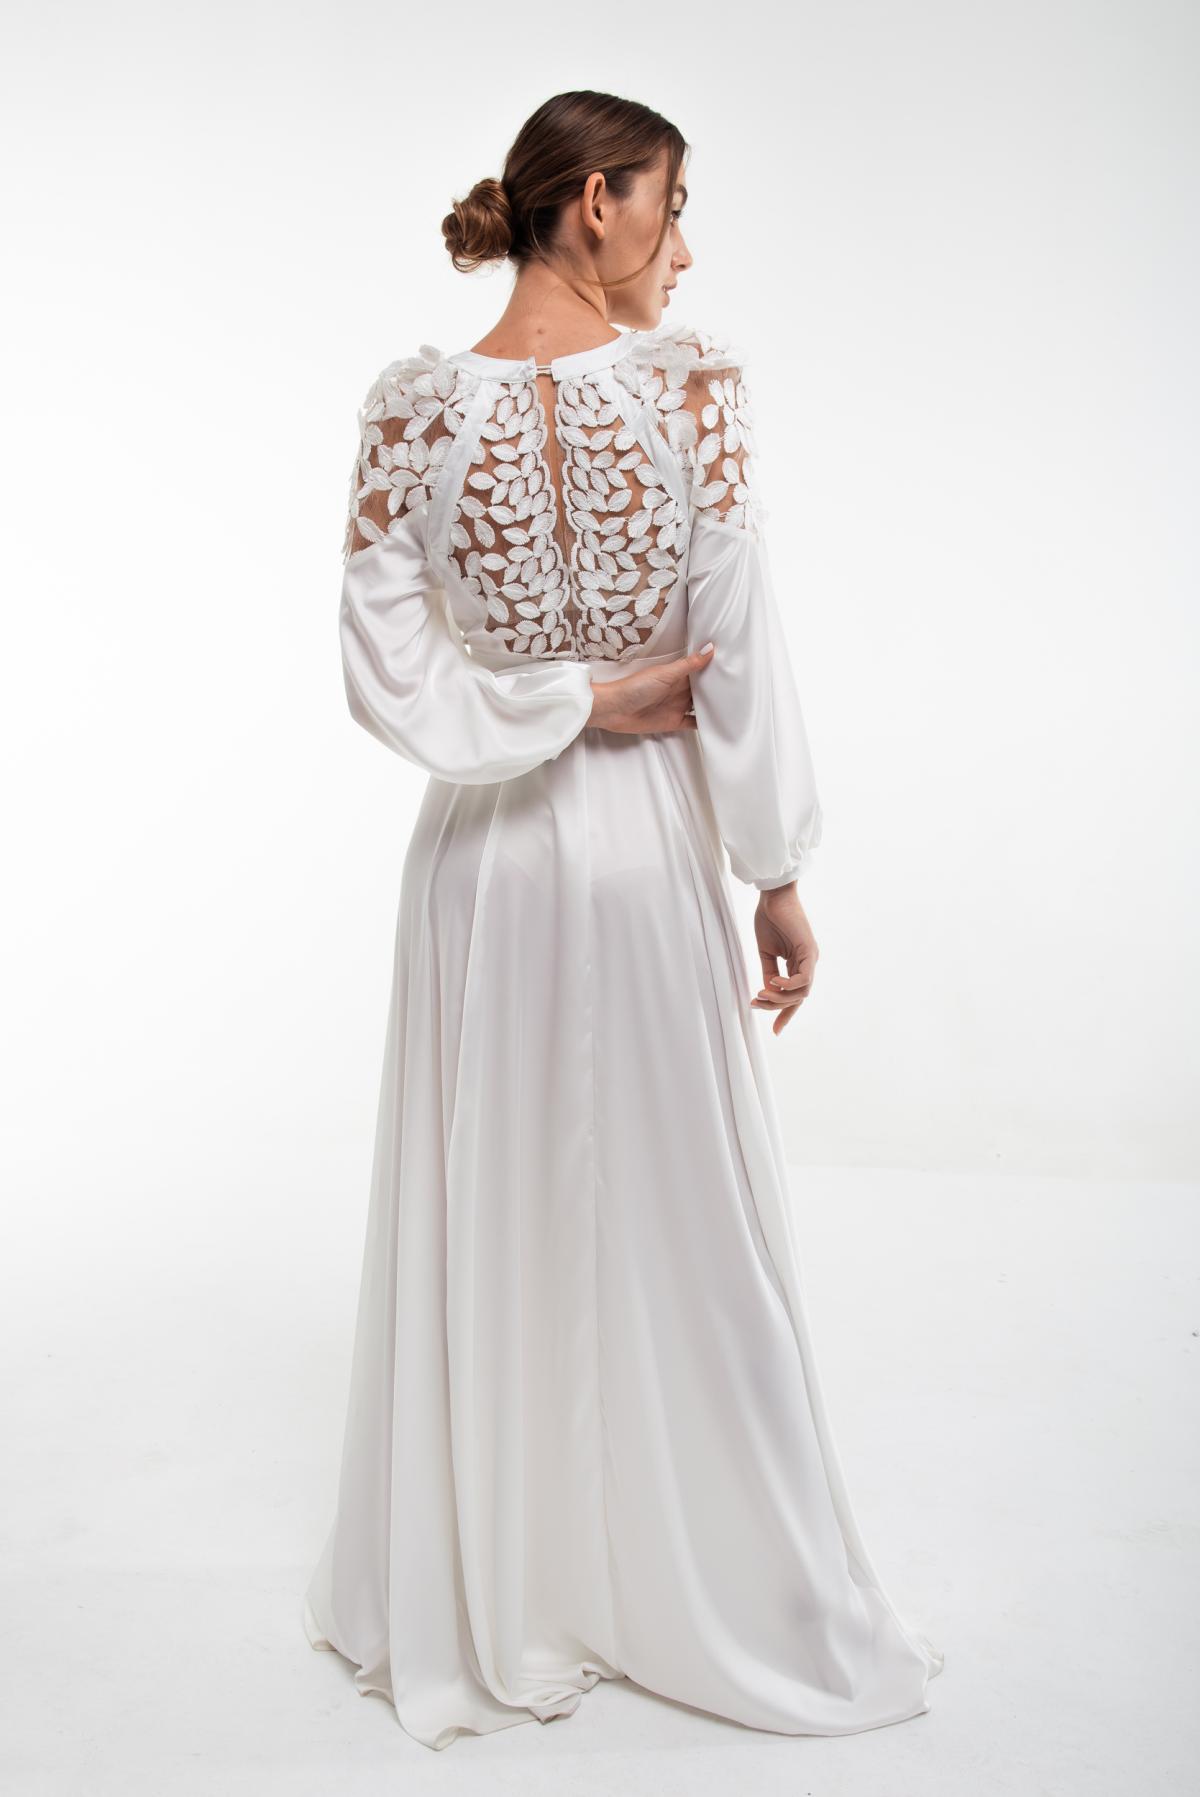 Вышитое белое платье Невеста. Фото №4. | Народный дом Украина